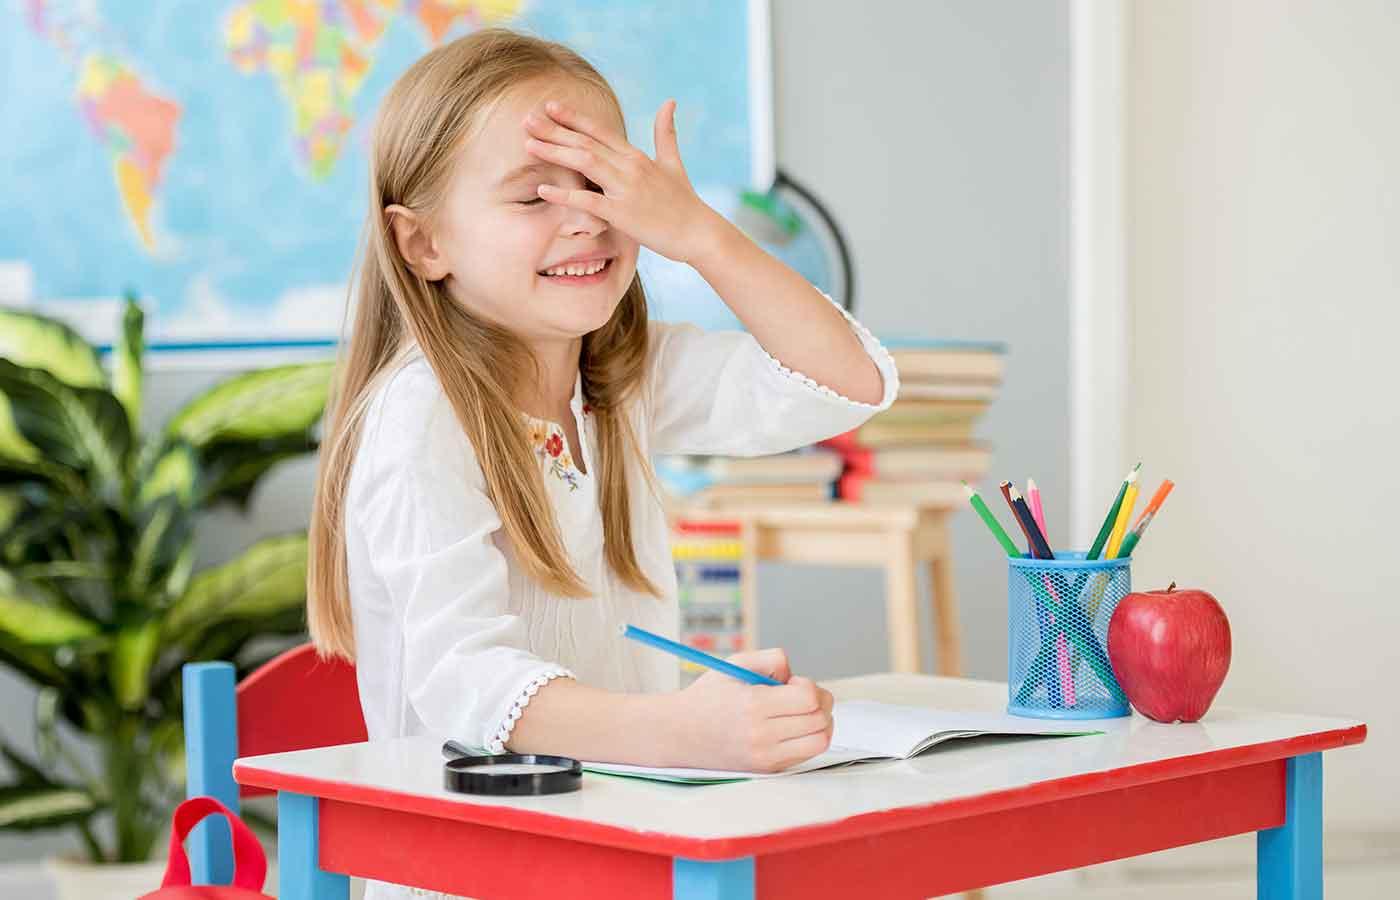 Causas que pueden provocar la dislexia